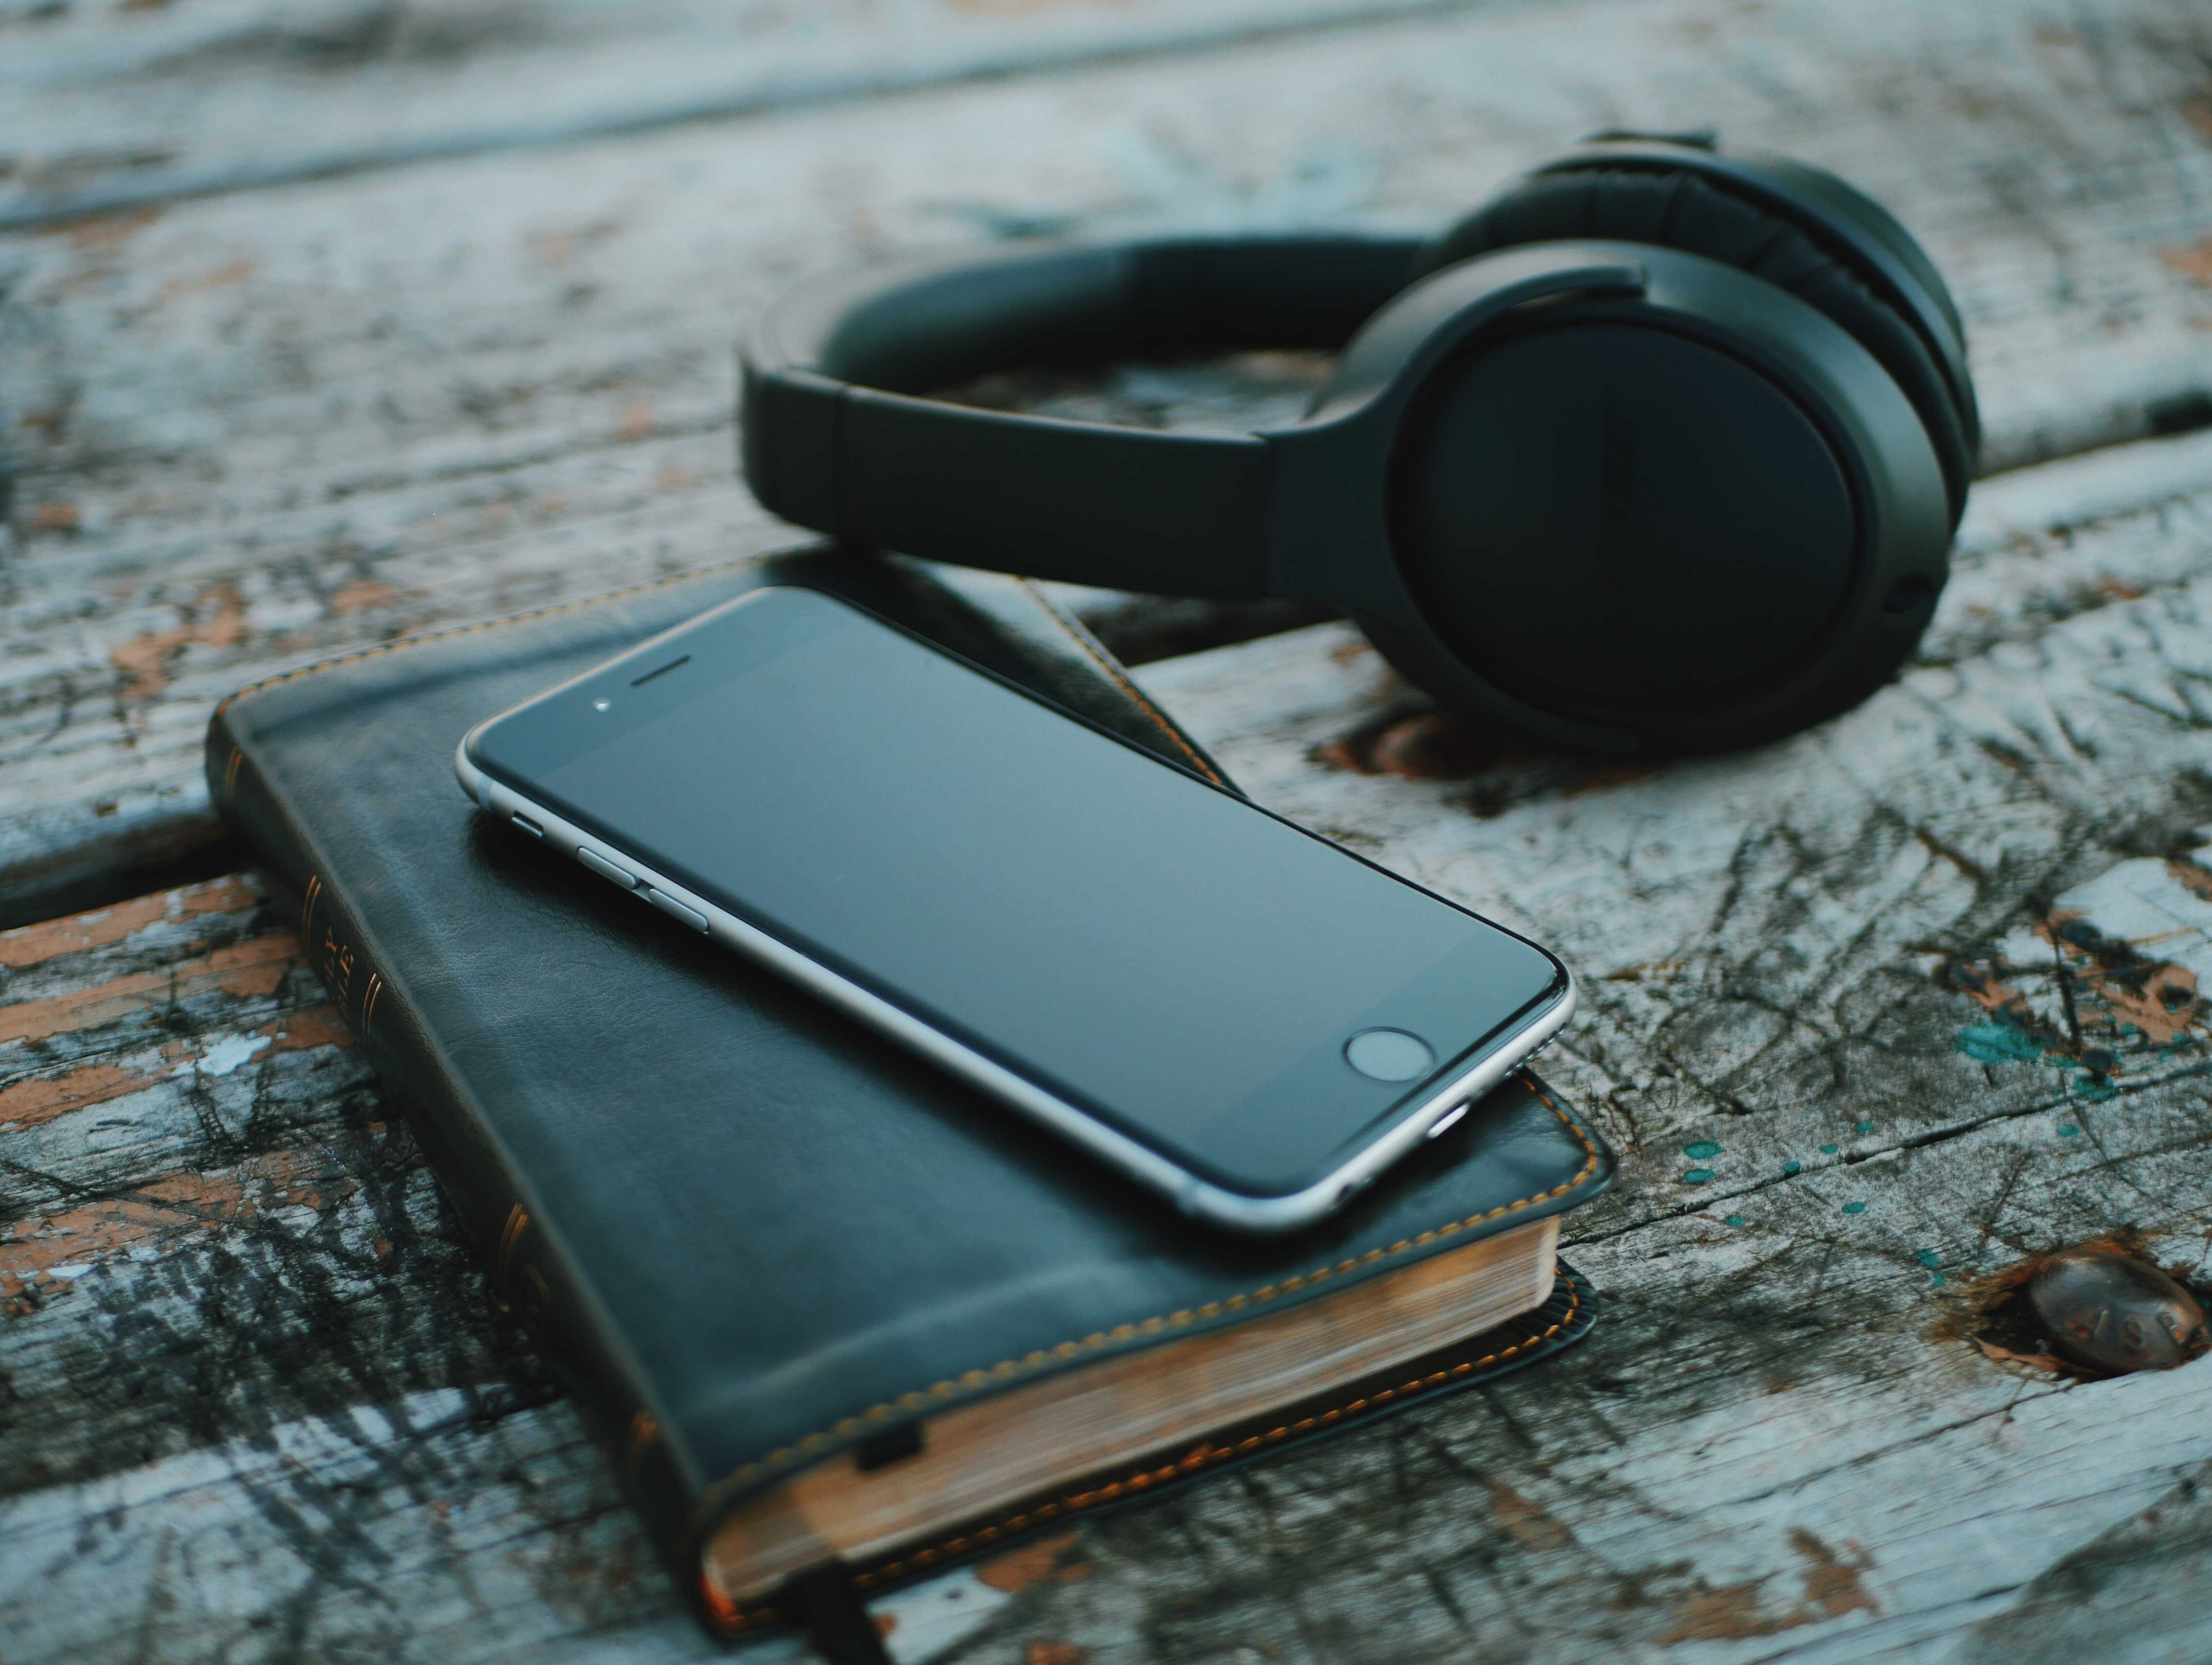 cellulare appoggiato sopra un'agenda e cuffie per ascoltare